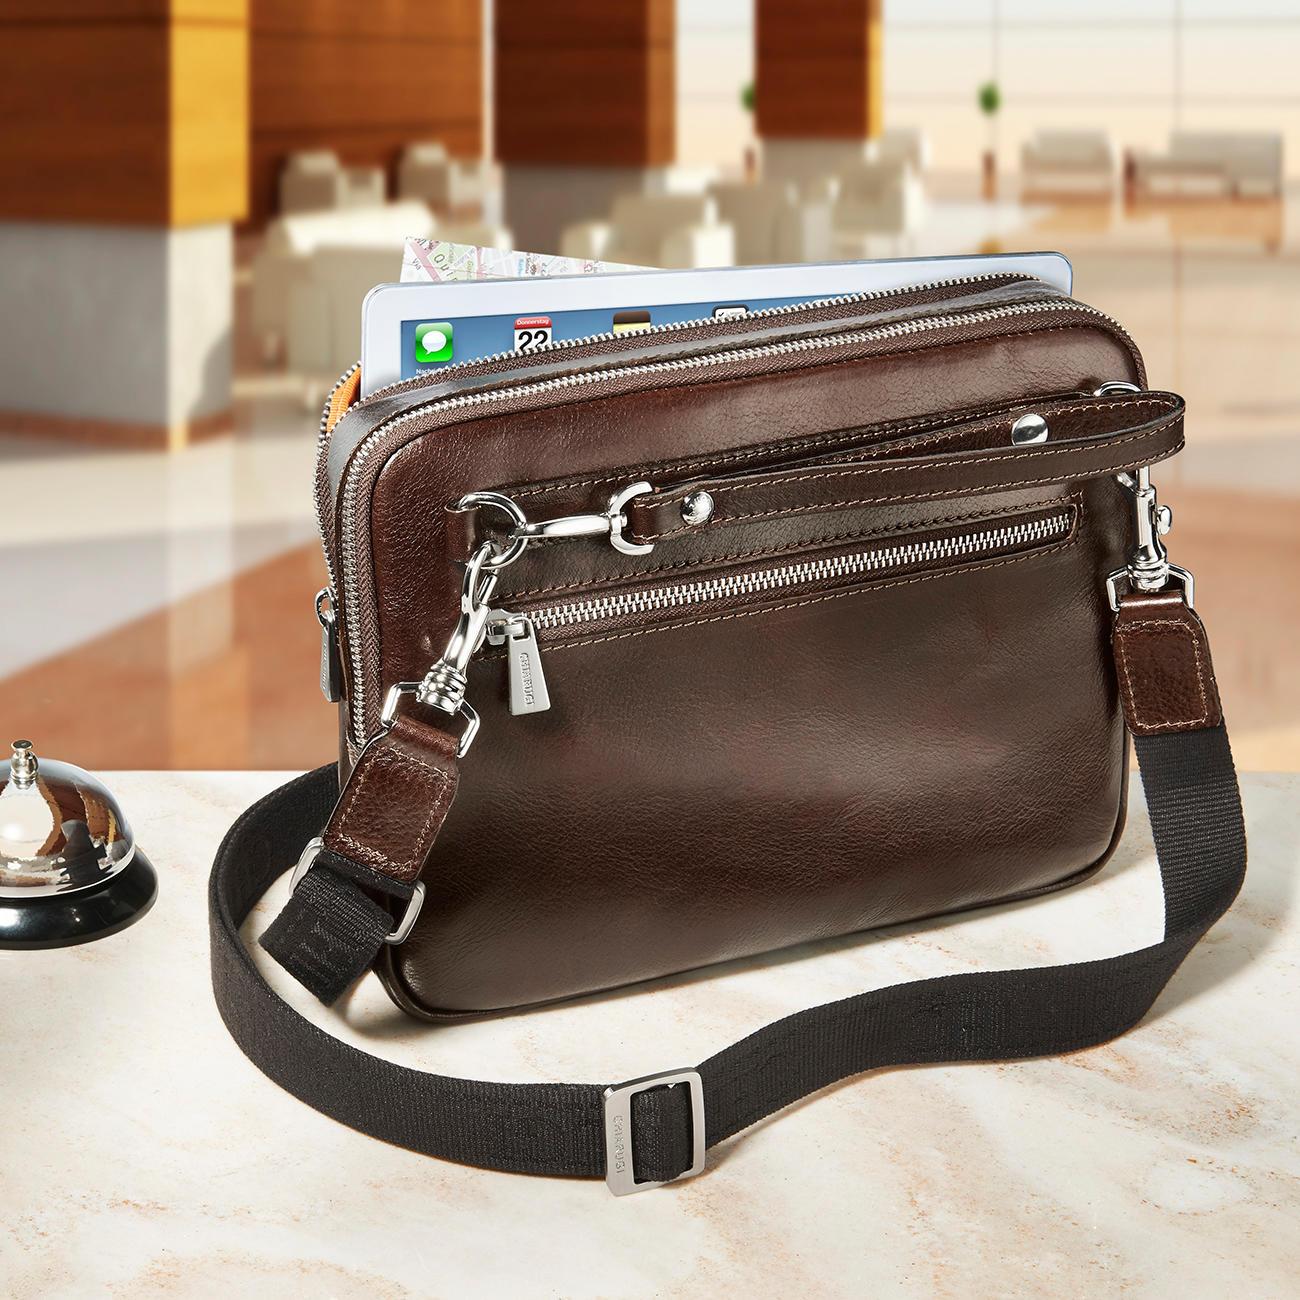 e8b2486e748af Chiarugi Personal-Bag. Der 80 cm lange Schulterriemen verwandelt die Tasche  ...